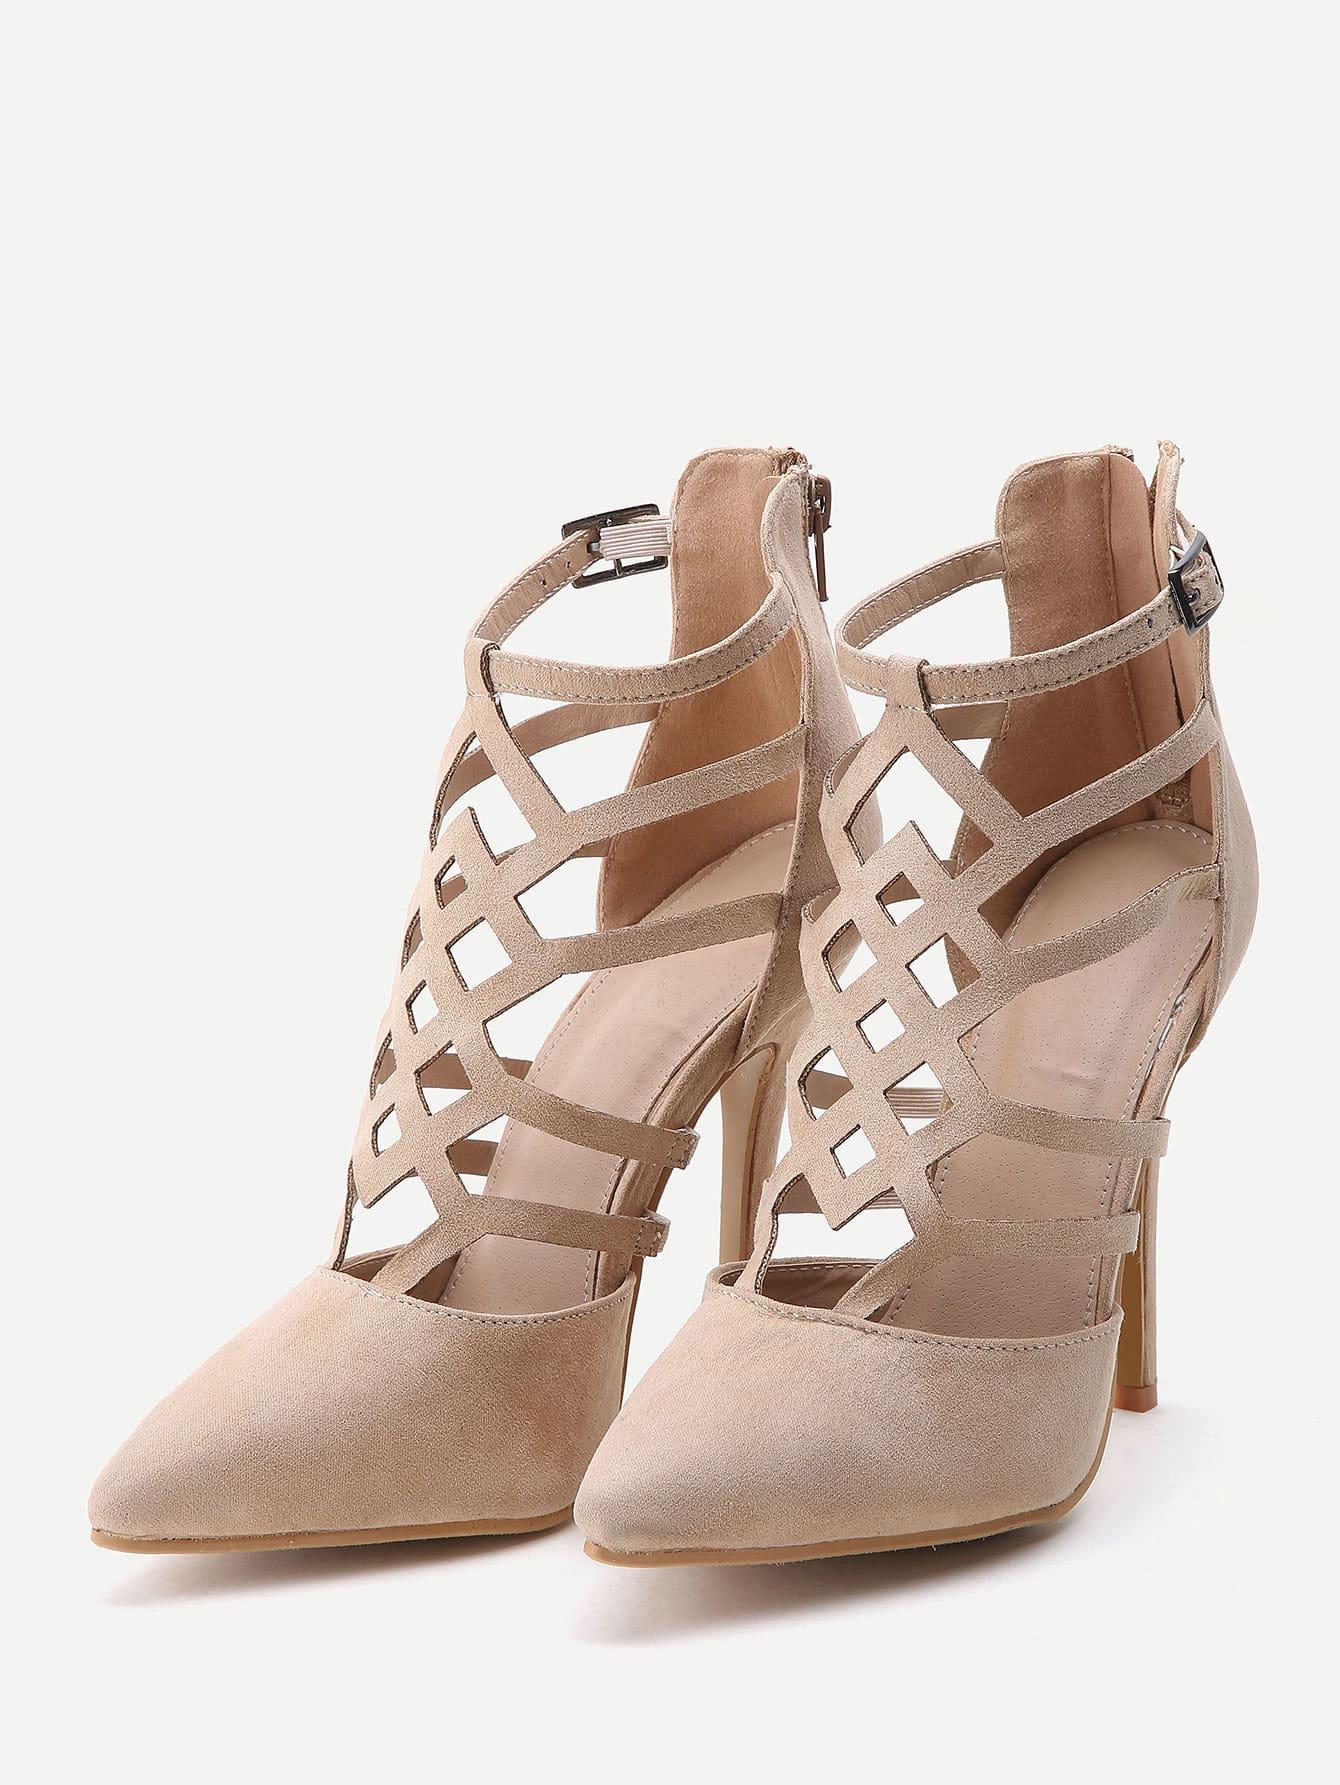 shoes170322806_2